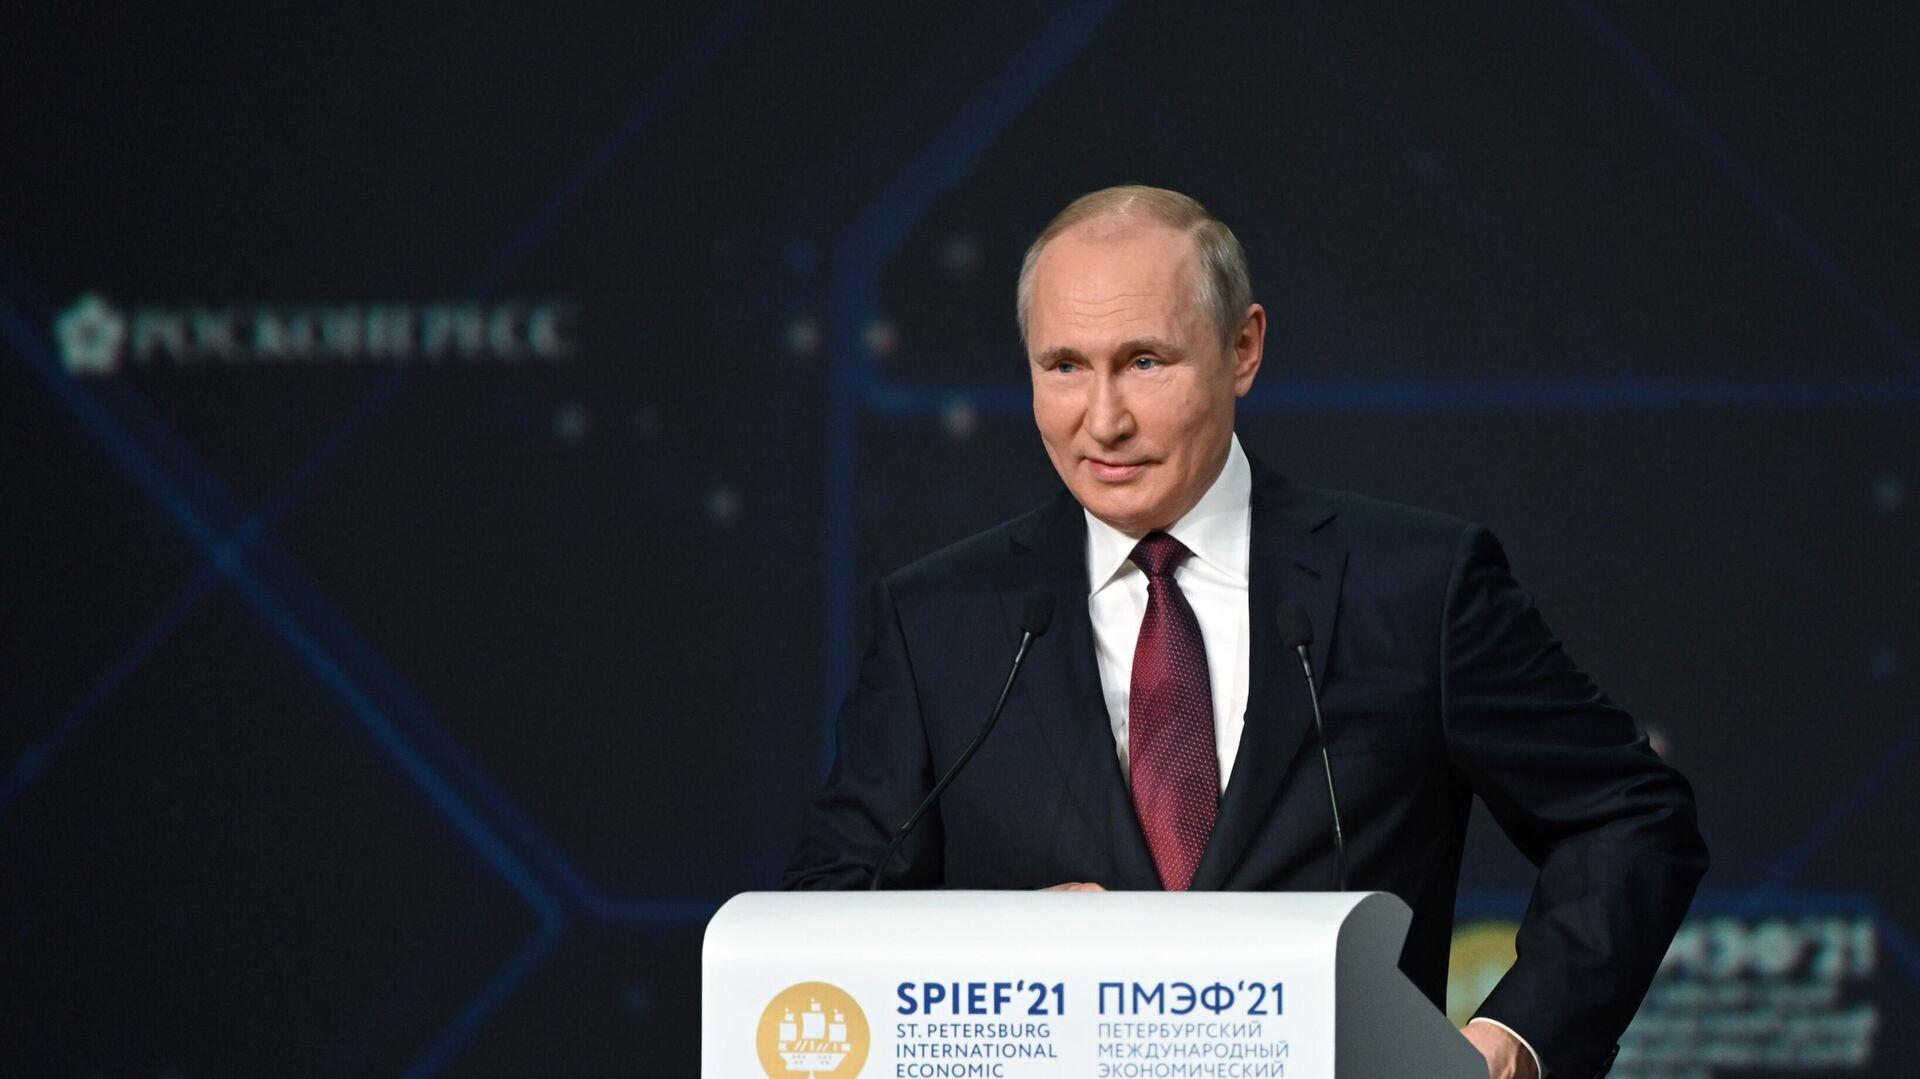 El presidente de Rusia, Vladímir Putin - Sputnik Mundo, 1920, 04.06.2021